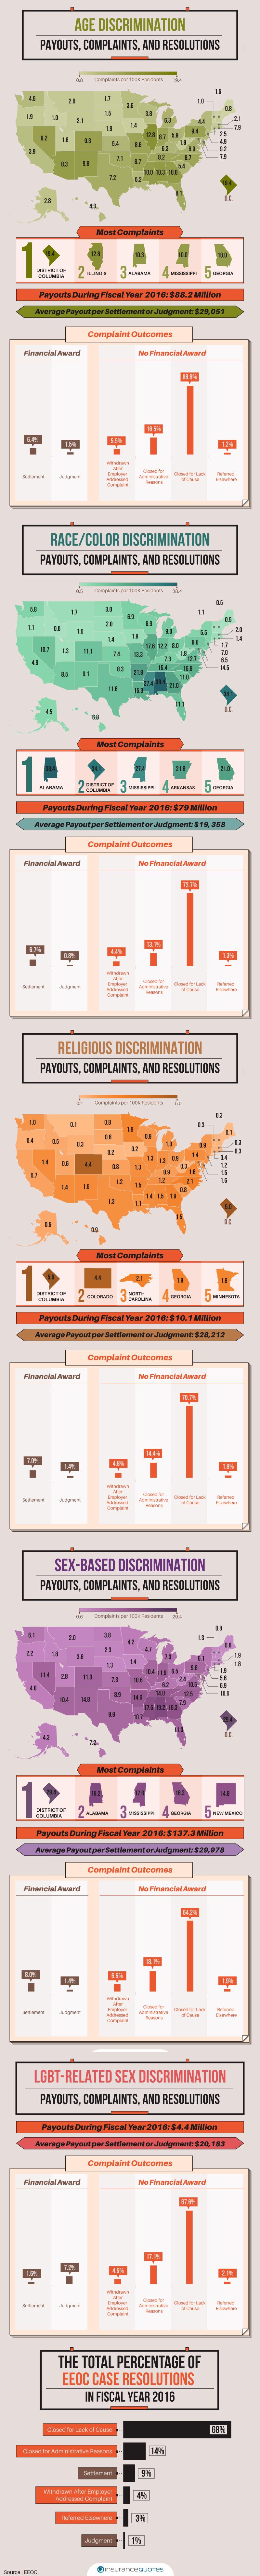 EEOC infographic